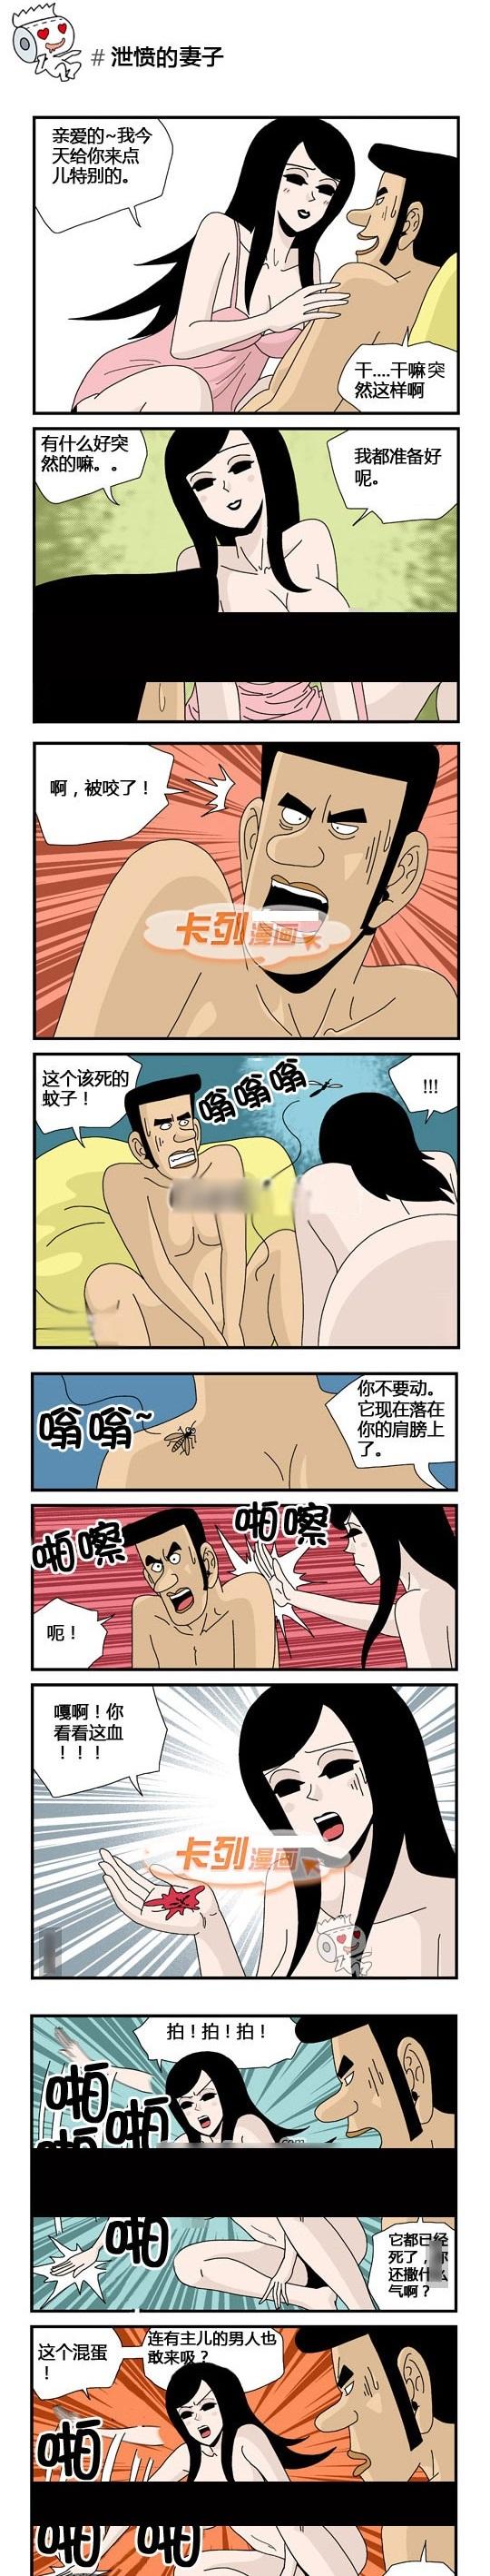 不知火舞邪恶漫画大全:突然的妻子